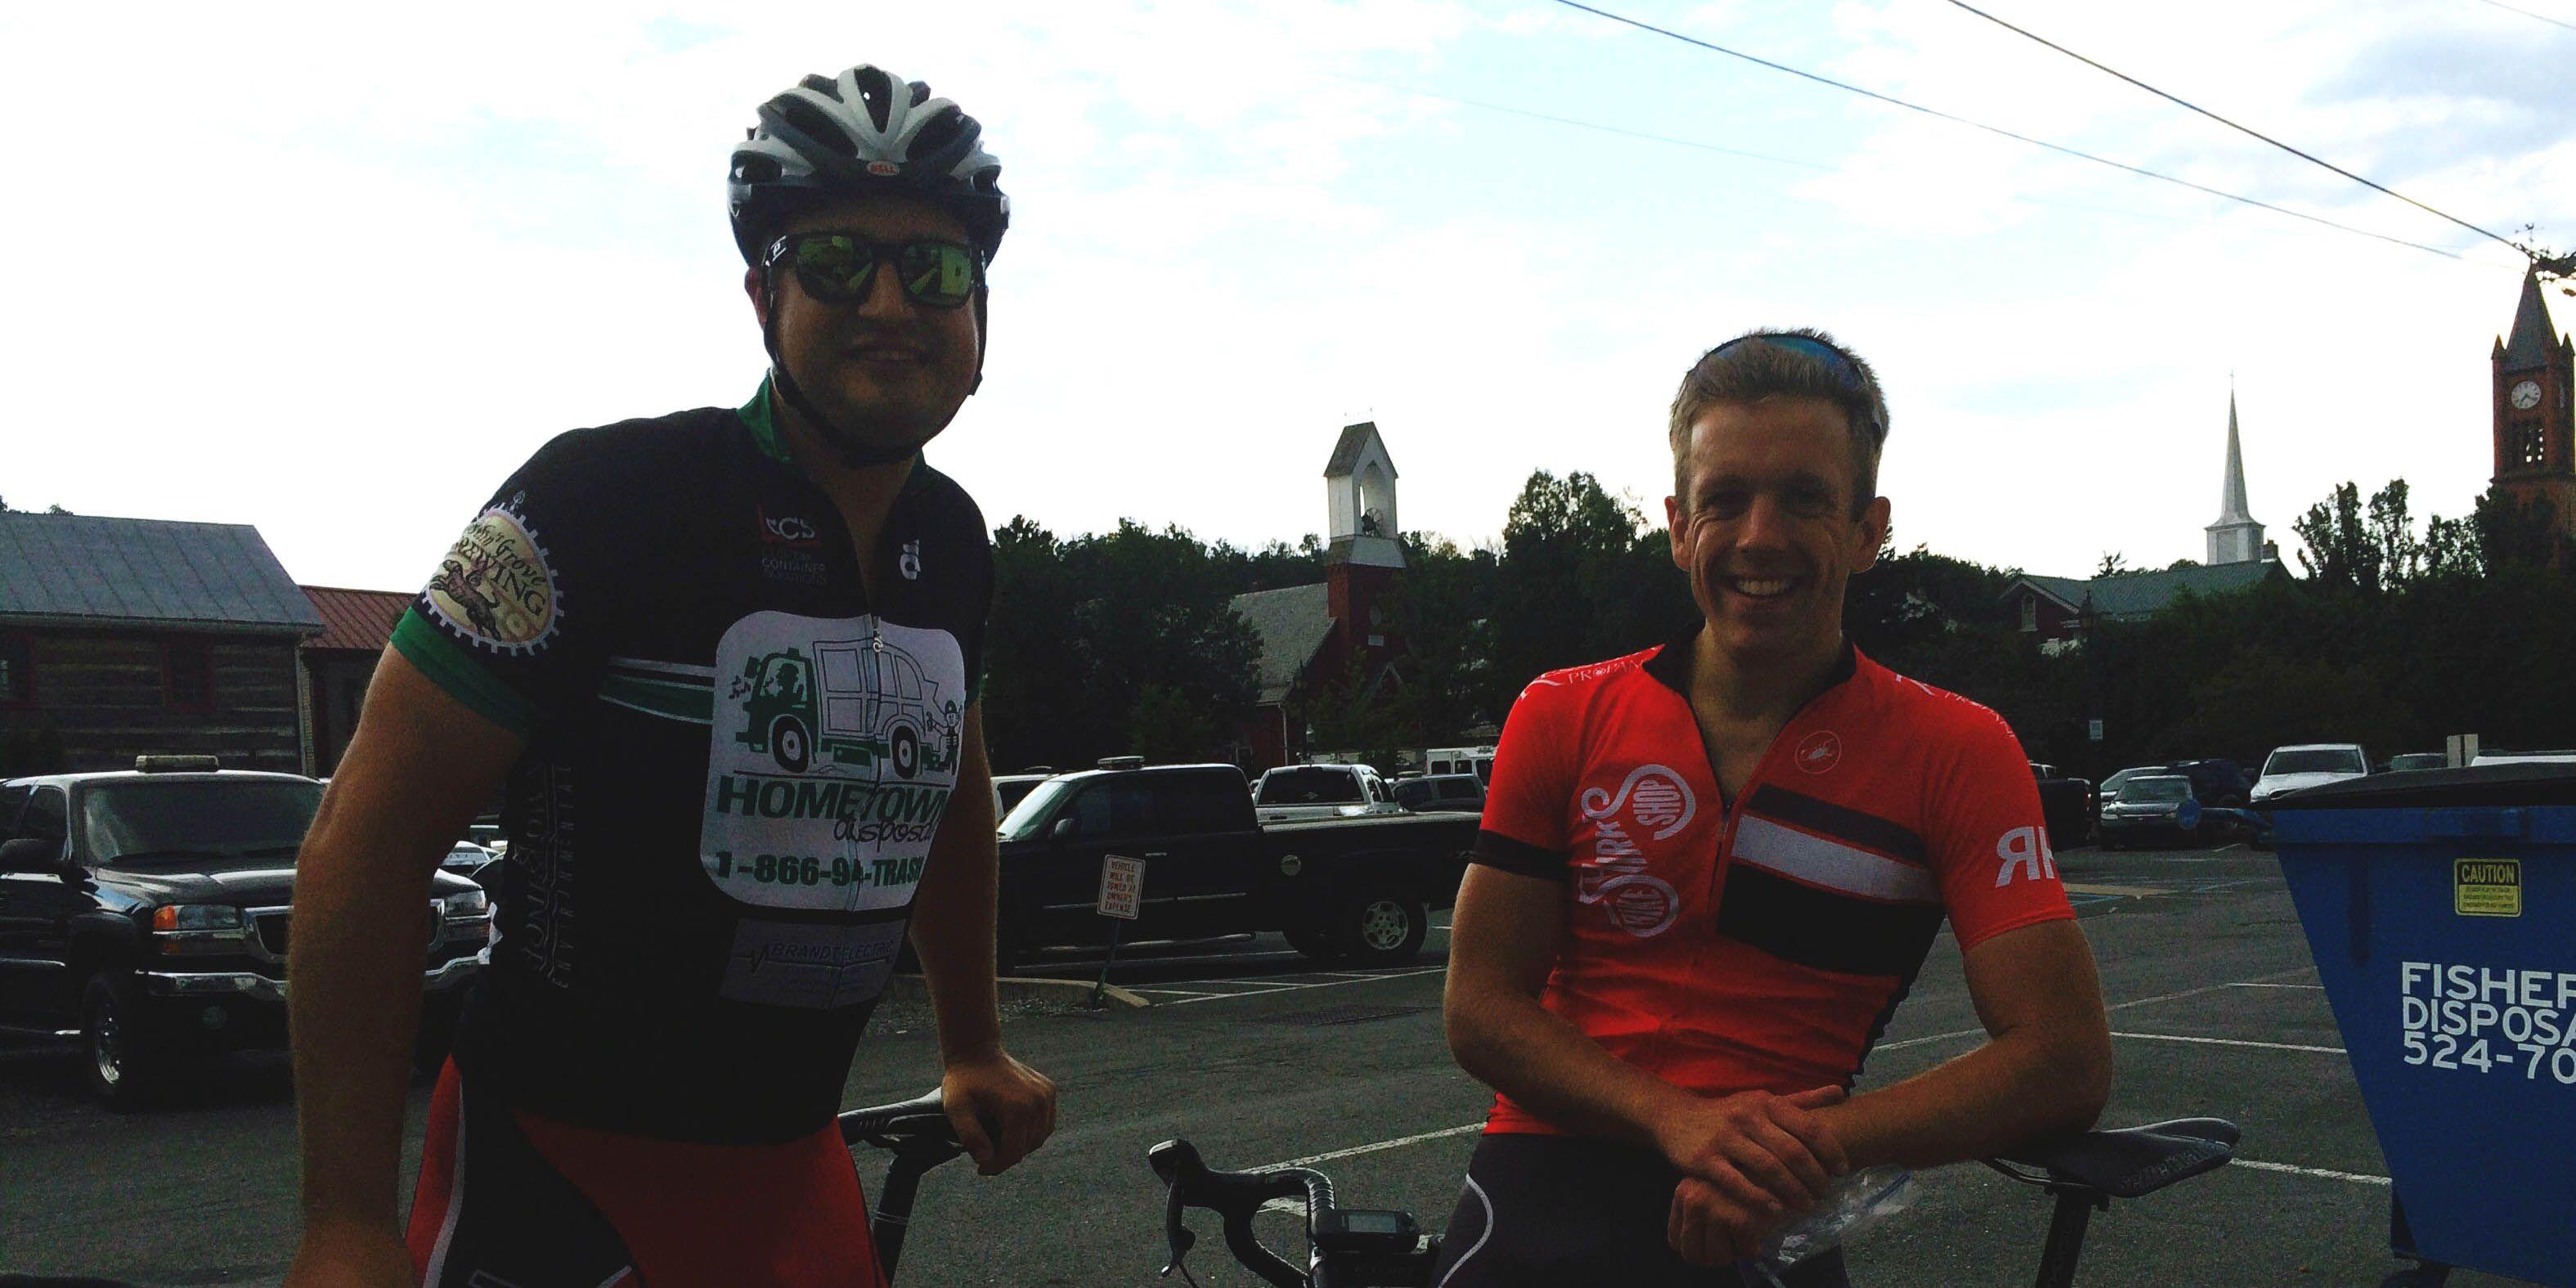 Ryan Smolko teaches his colleague to ride